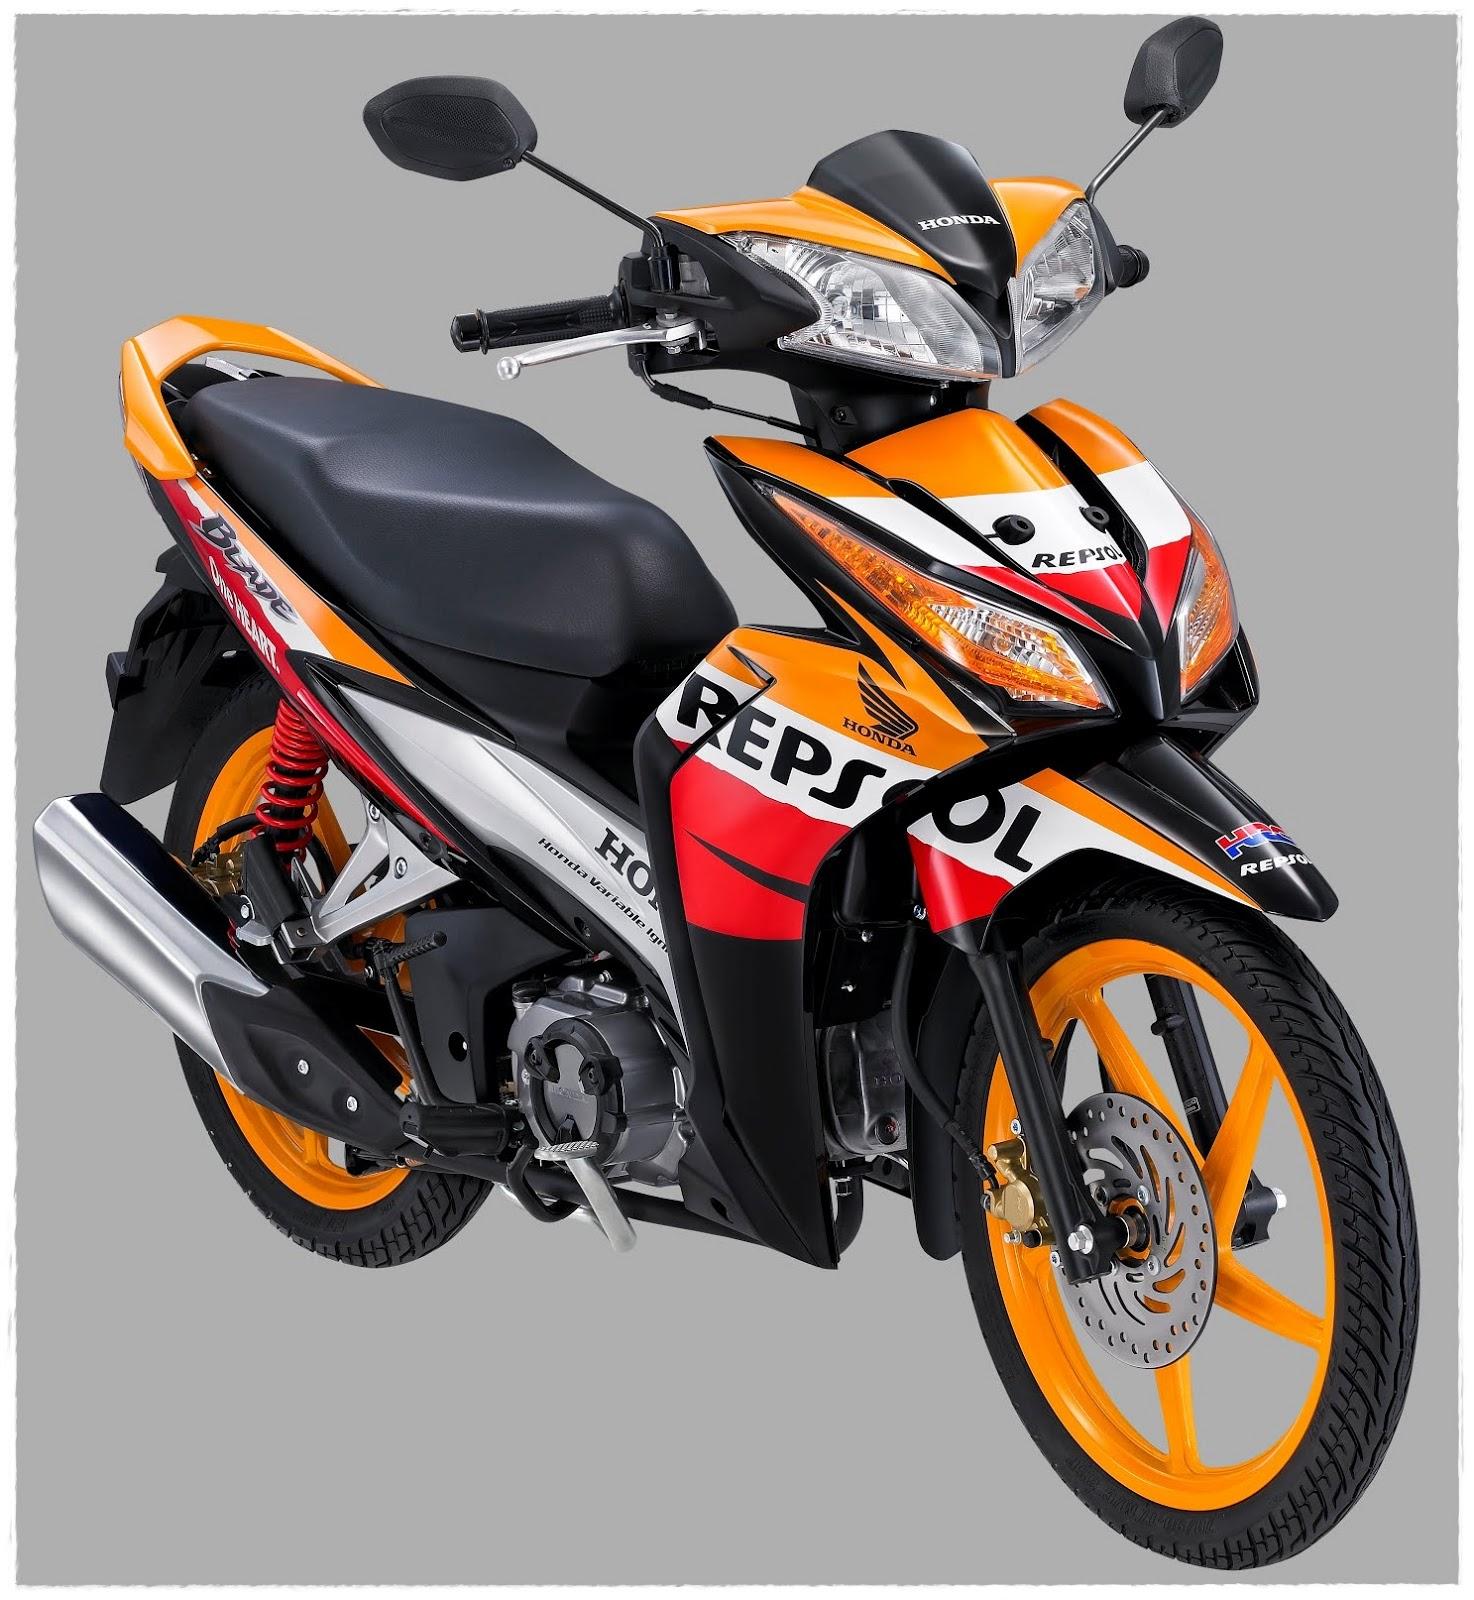 Desain Perumahan: Gambar Motor Modifikasi: Desain Motor Air